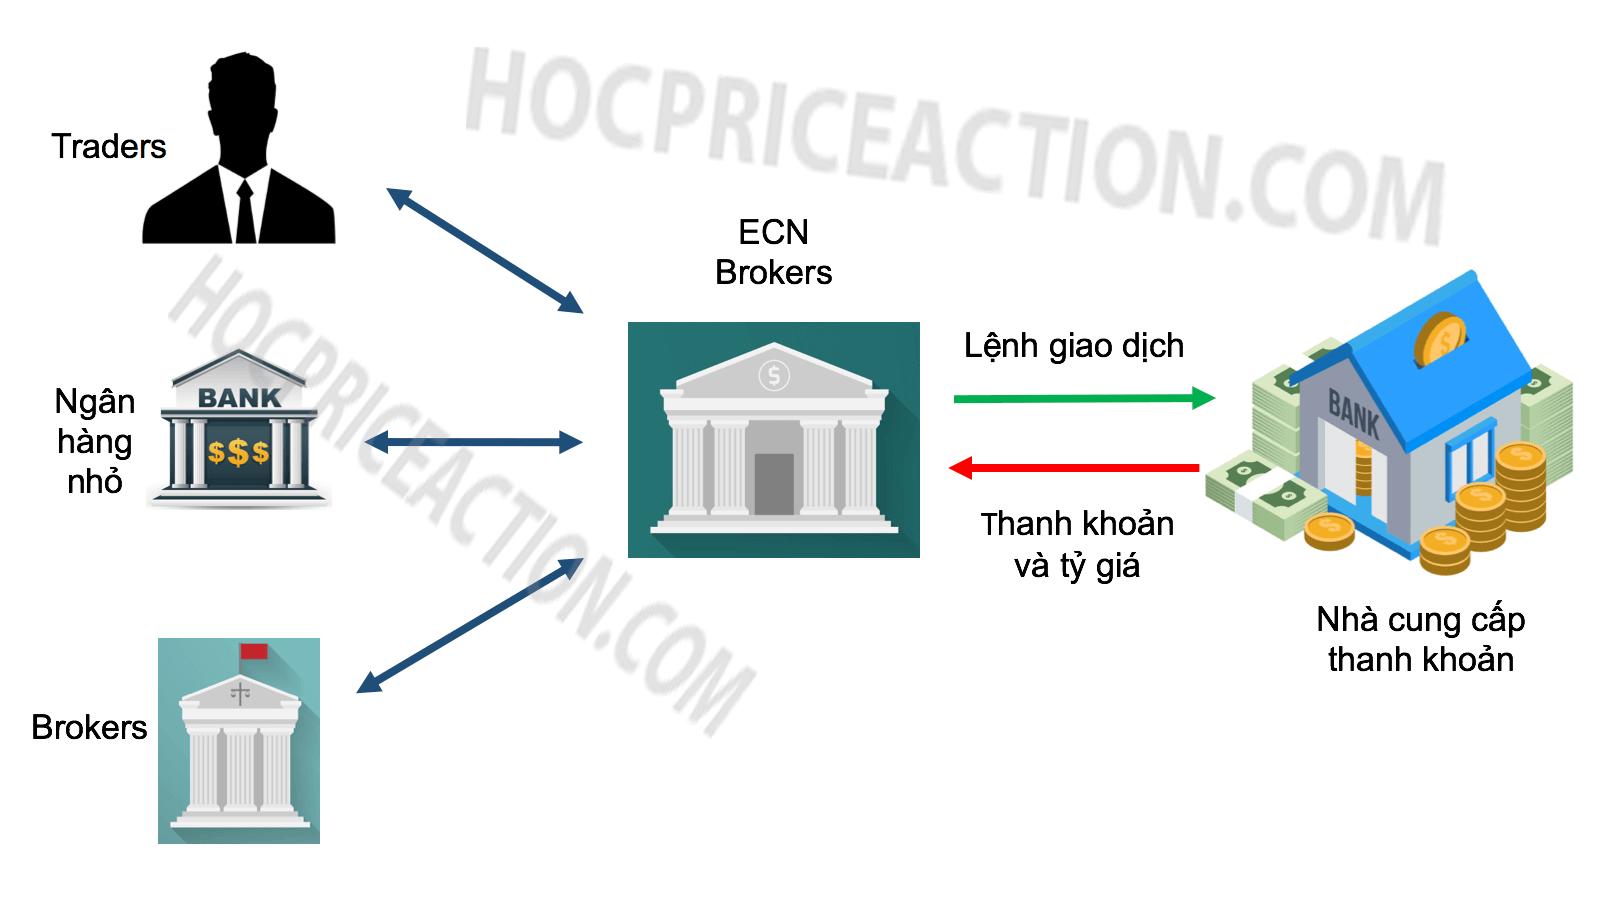 ECN là gì? Tại sao nên giao dịch chuẩn ECN?